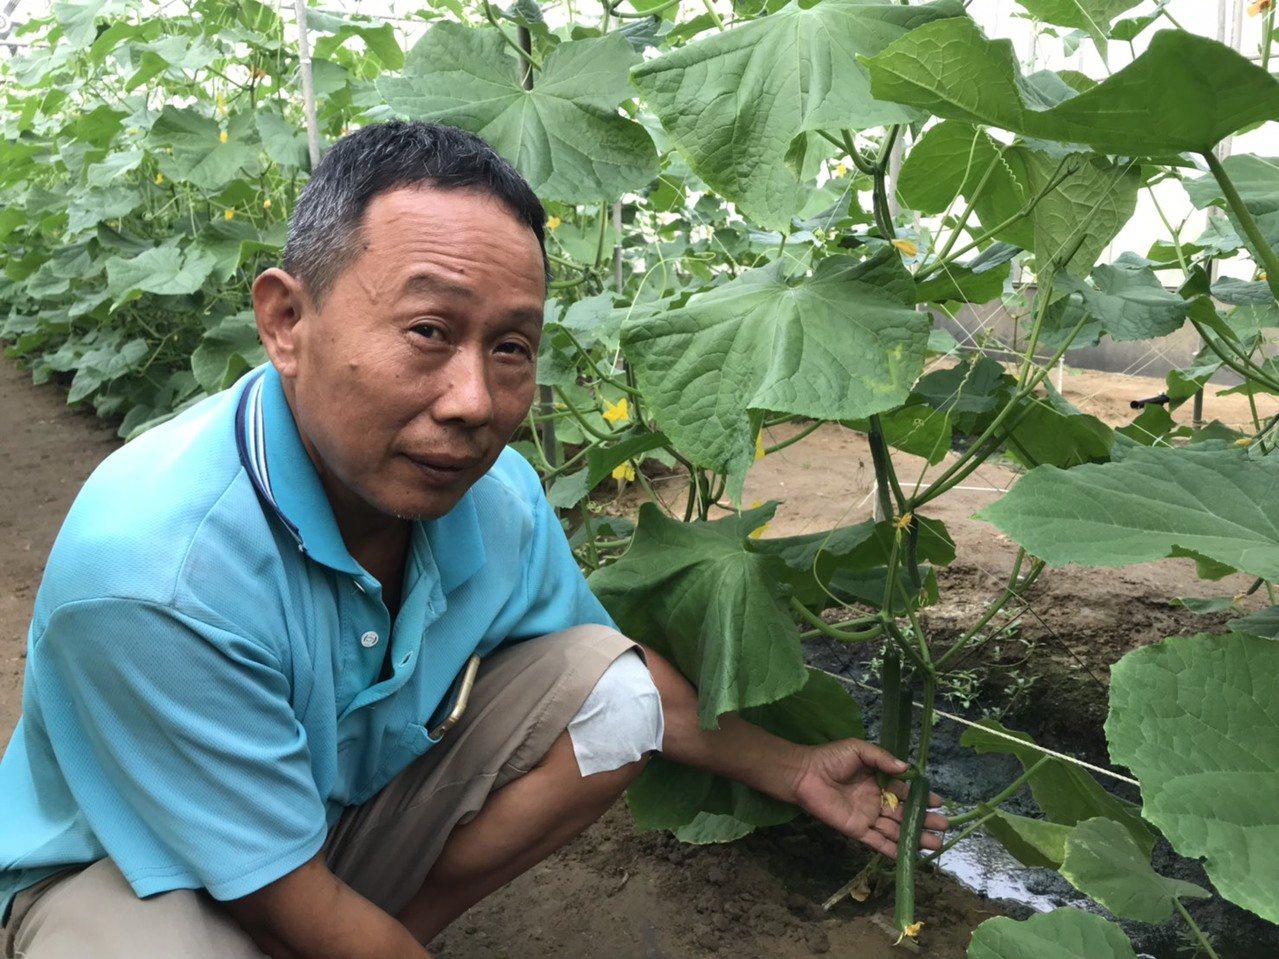 吳冠億細心栽種溫室蔬果,他笑說,沒噴農藥,現場直接吃也不用怕。記者黃晴雯/攝影